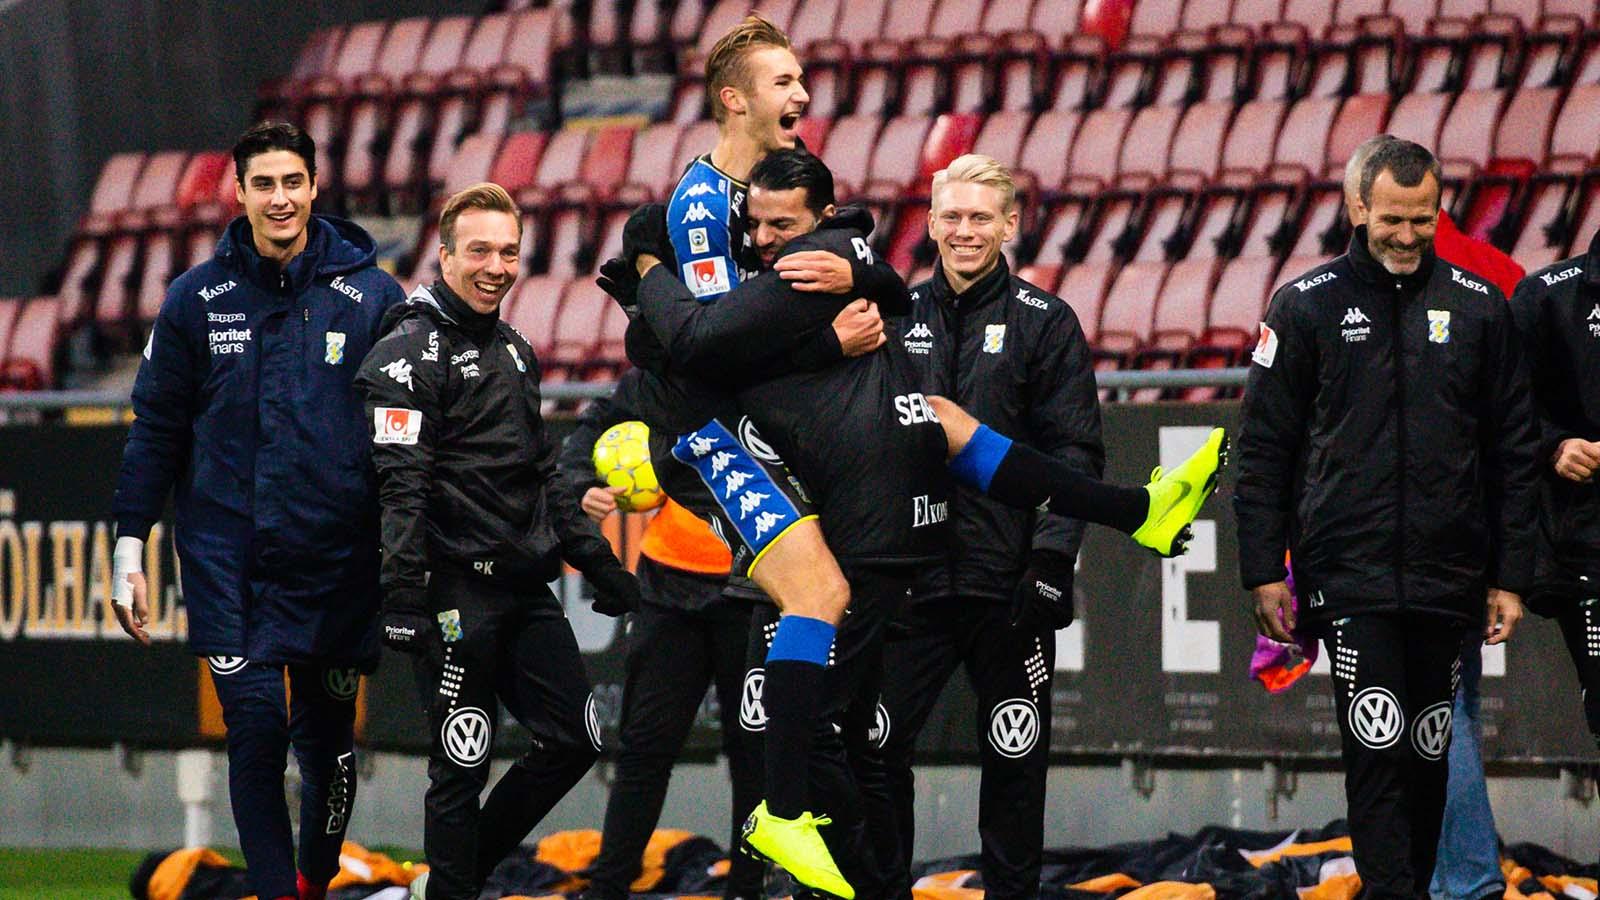 181111 IFK Göteborgs Benjamin Nygren jublar efter 0-1 under fotbollsmatchen i Allsvenskan mellan Örebro och Göteborg den 11 november 2018 i Örebro. Foto: Johan Bernström / BILDBYRÅN / COP 119